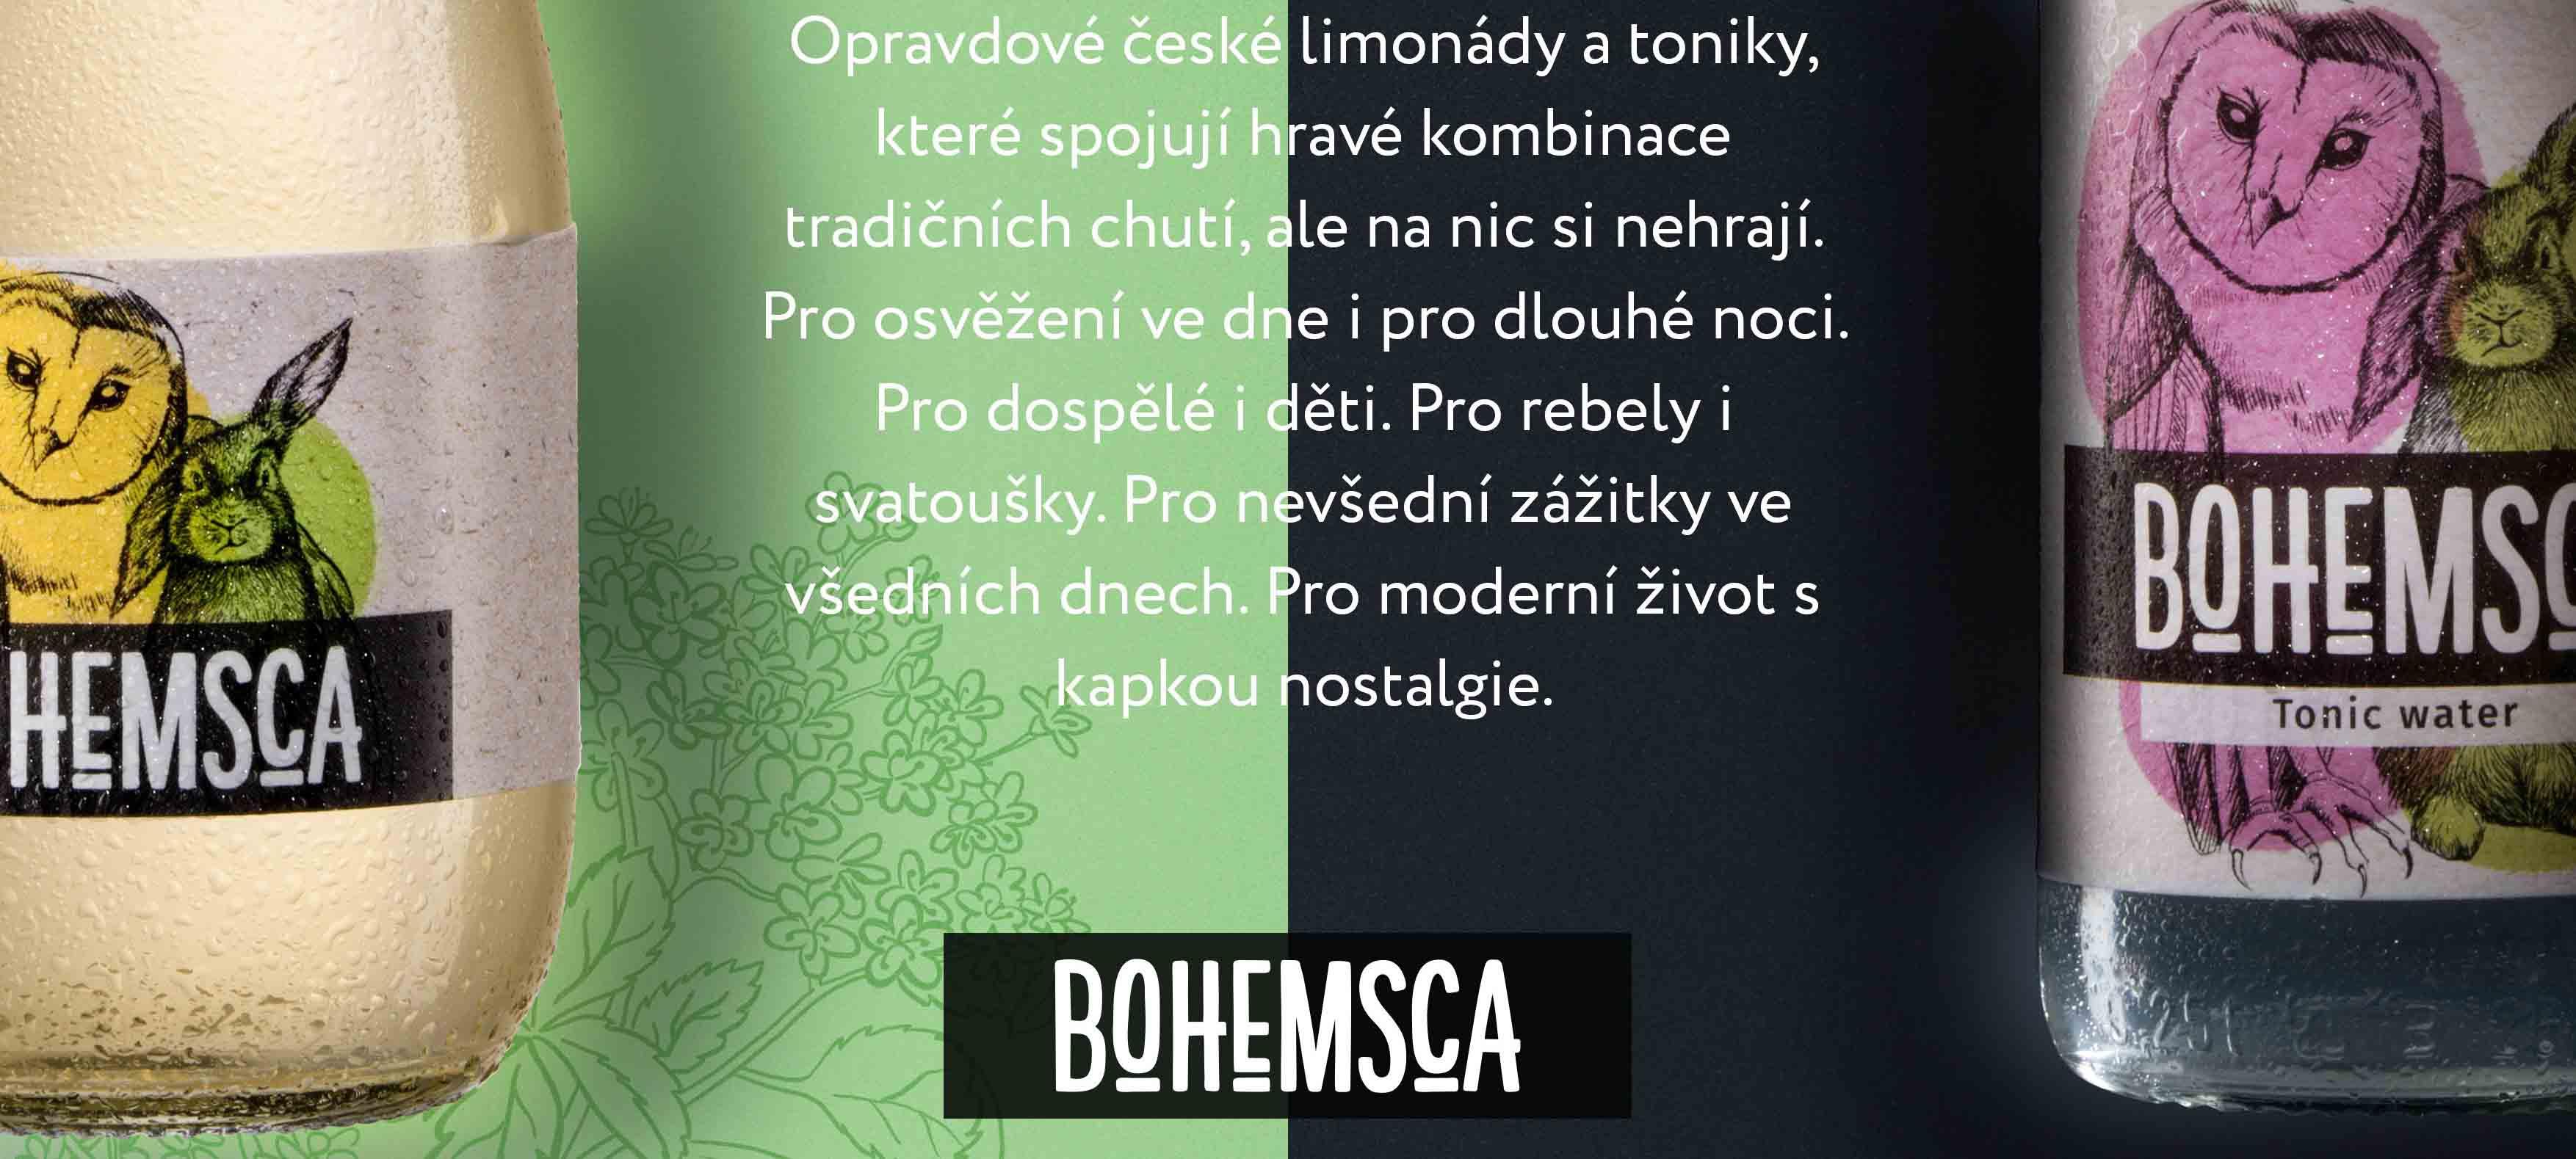 Bio limonády - poctivá česká limoška